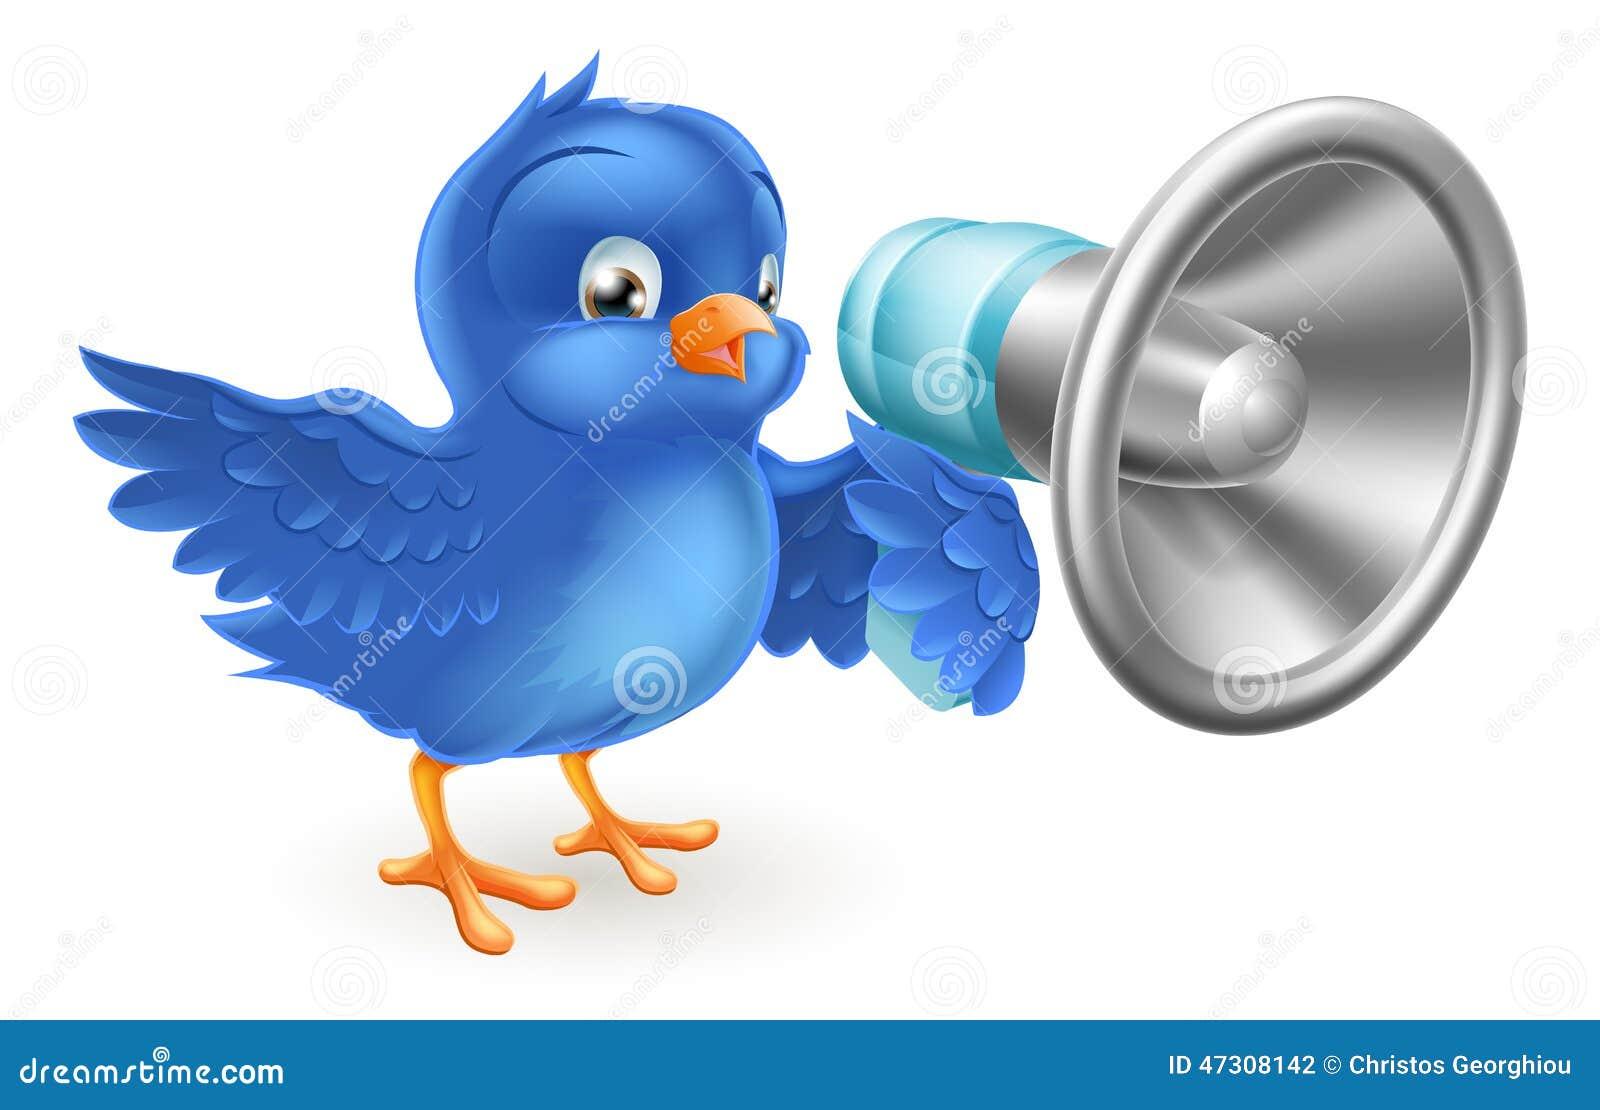 pássaro azul dos desenhos animados com telefone mega ilustração do